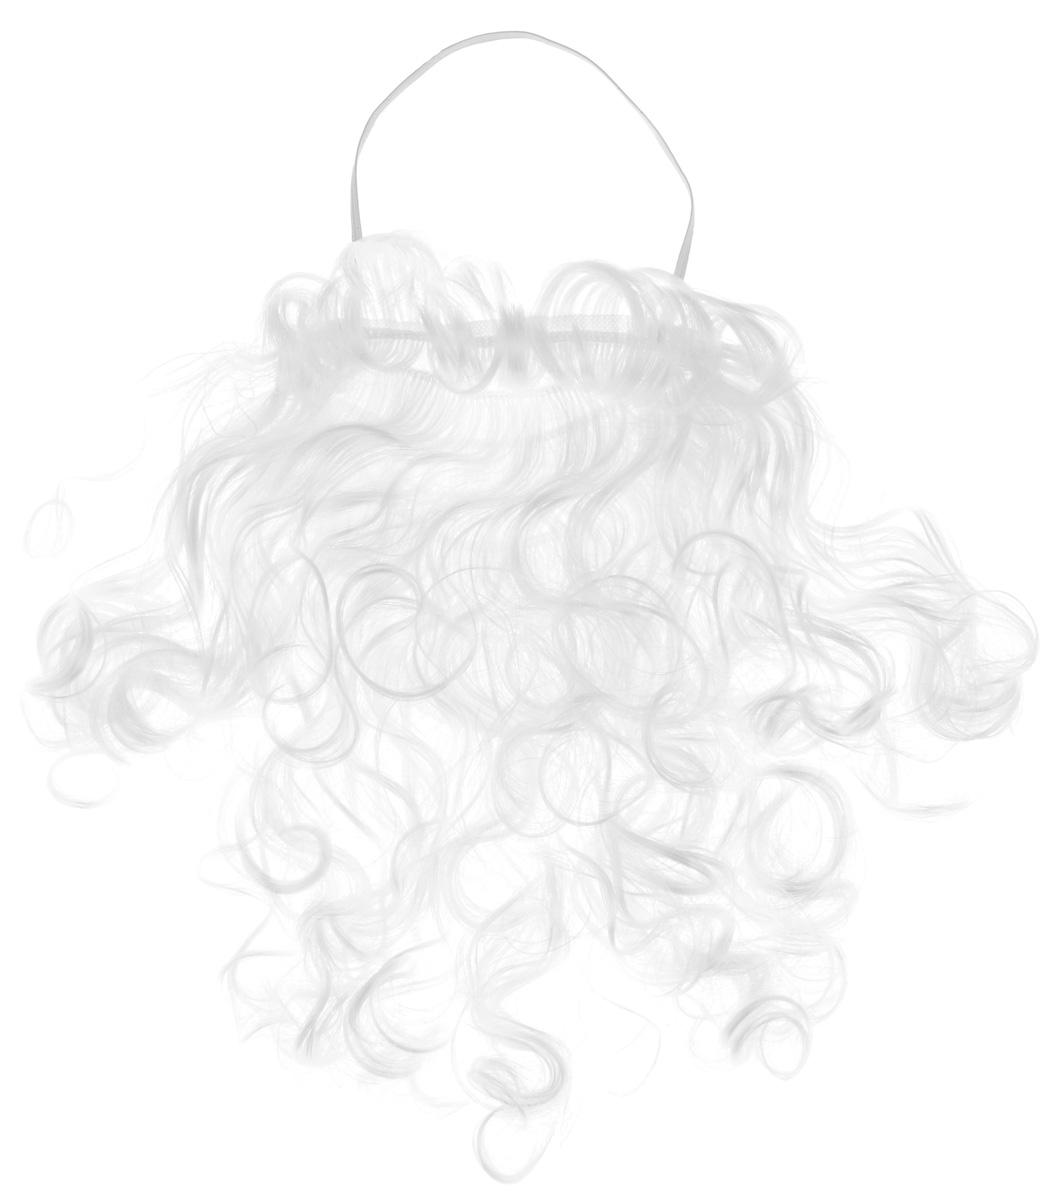 Карнавальная борода Sima-land Дед Мороз, длина 26 см1115981Карнавальная борода Sima-land Дед Мороз выполнена из искусственного волоса белого цвета. Надев такую бороду, вы будете выглядеть просто великолепно, как настоящий Дед Мороз. Веселое настроение и масса положительных эмоций вам будут обеспечены! Ширина бороды: 30 см.